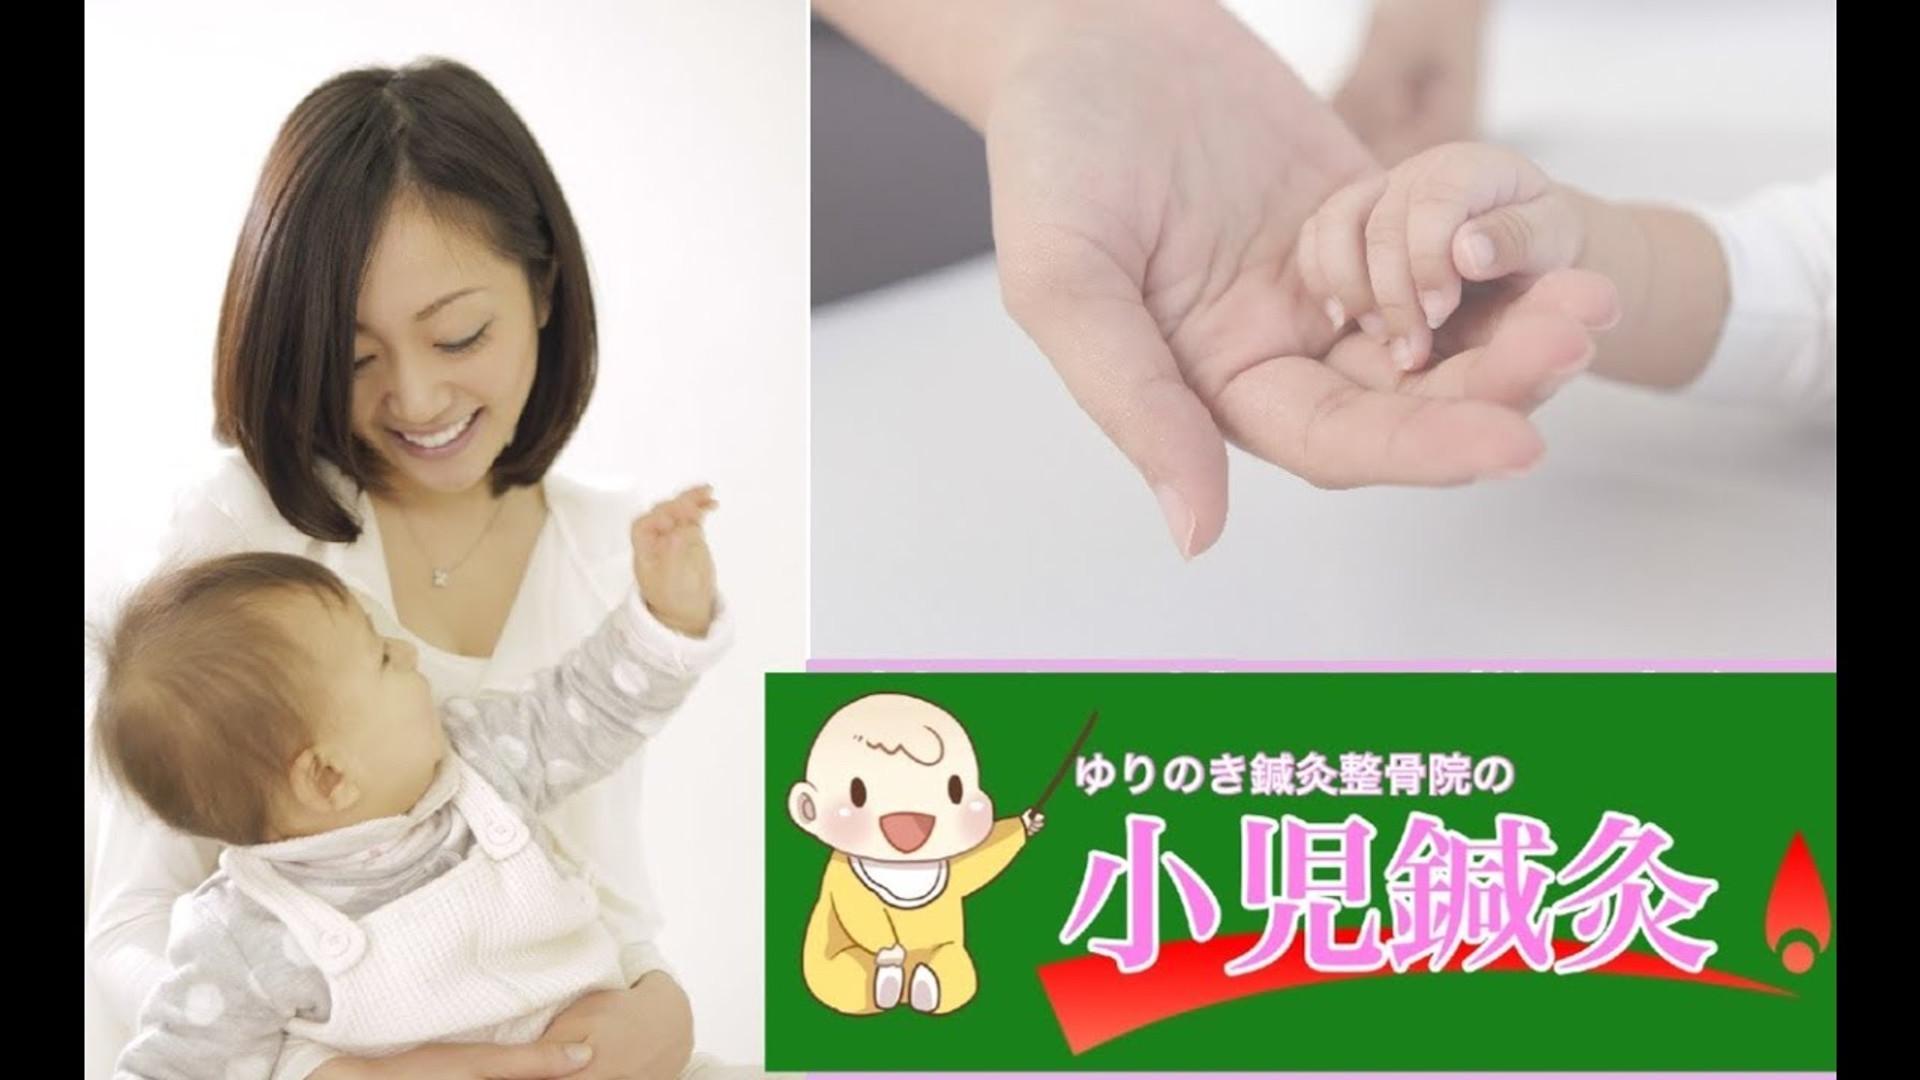 春日部市の小児鍼灸、親子の絆、疳の虫